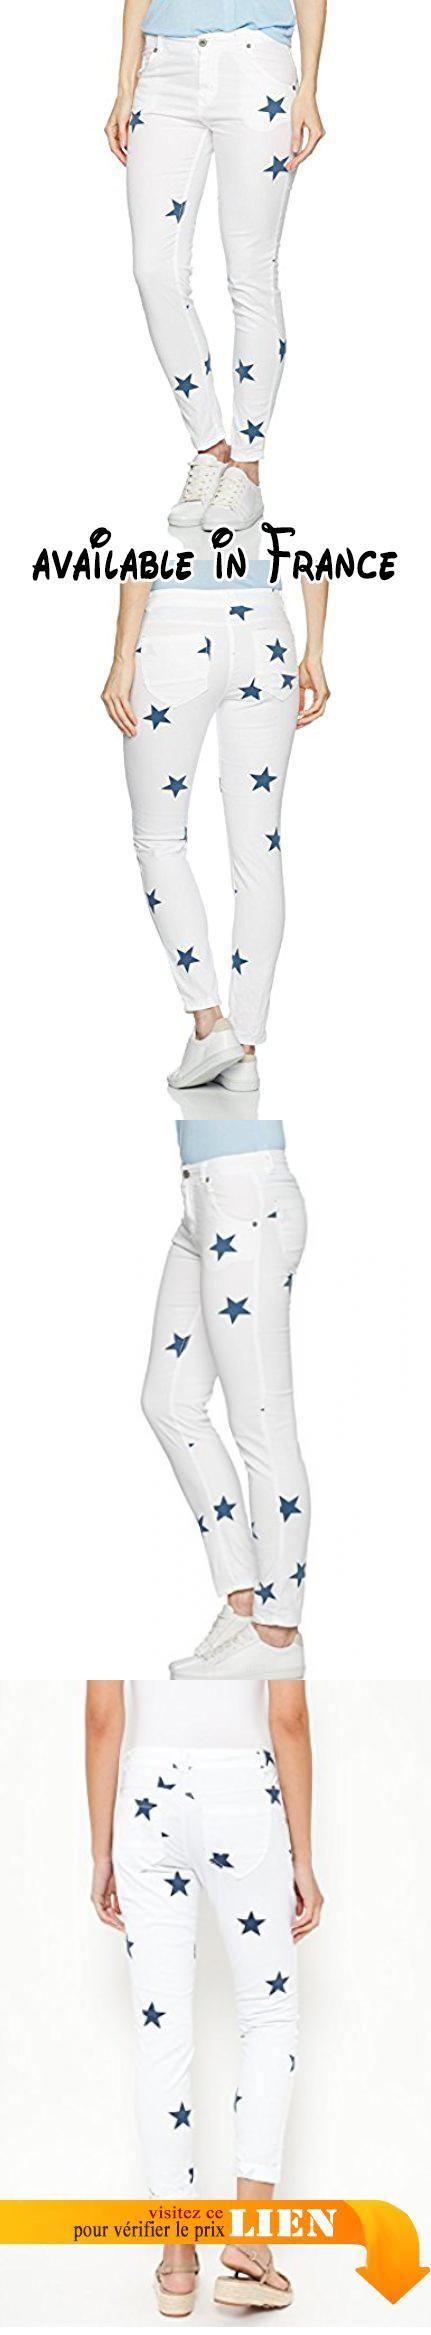 B01etam4jqTantra W38l30 Droit Jeans9614 Jeans Femme Blanc E9WH2DI